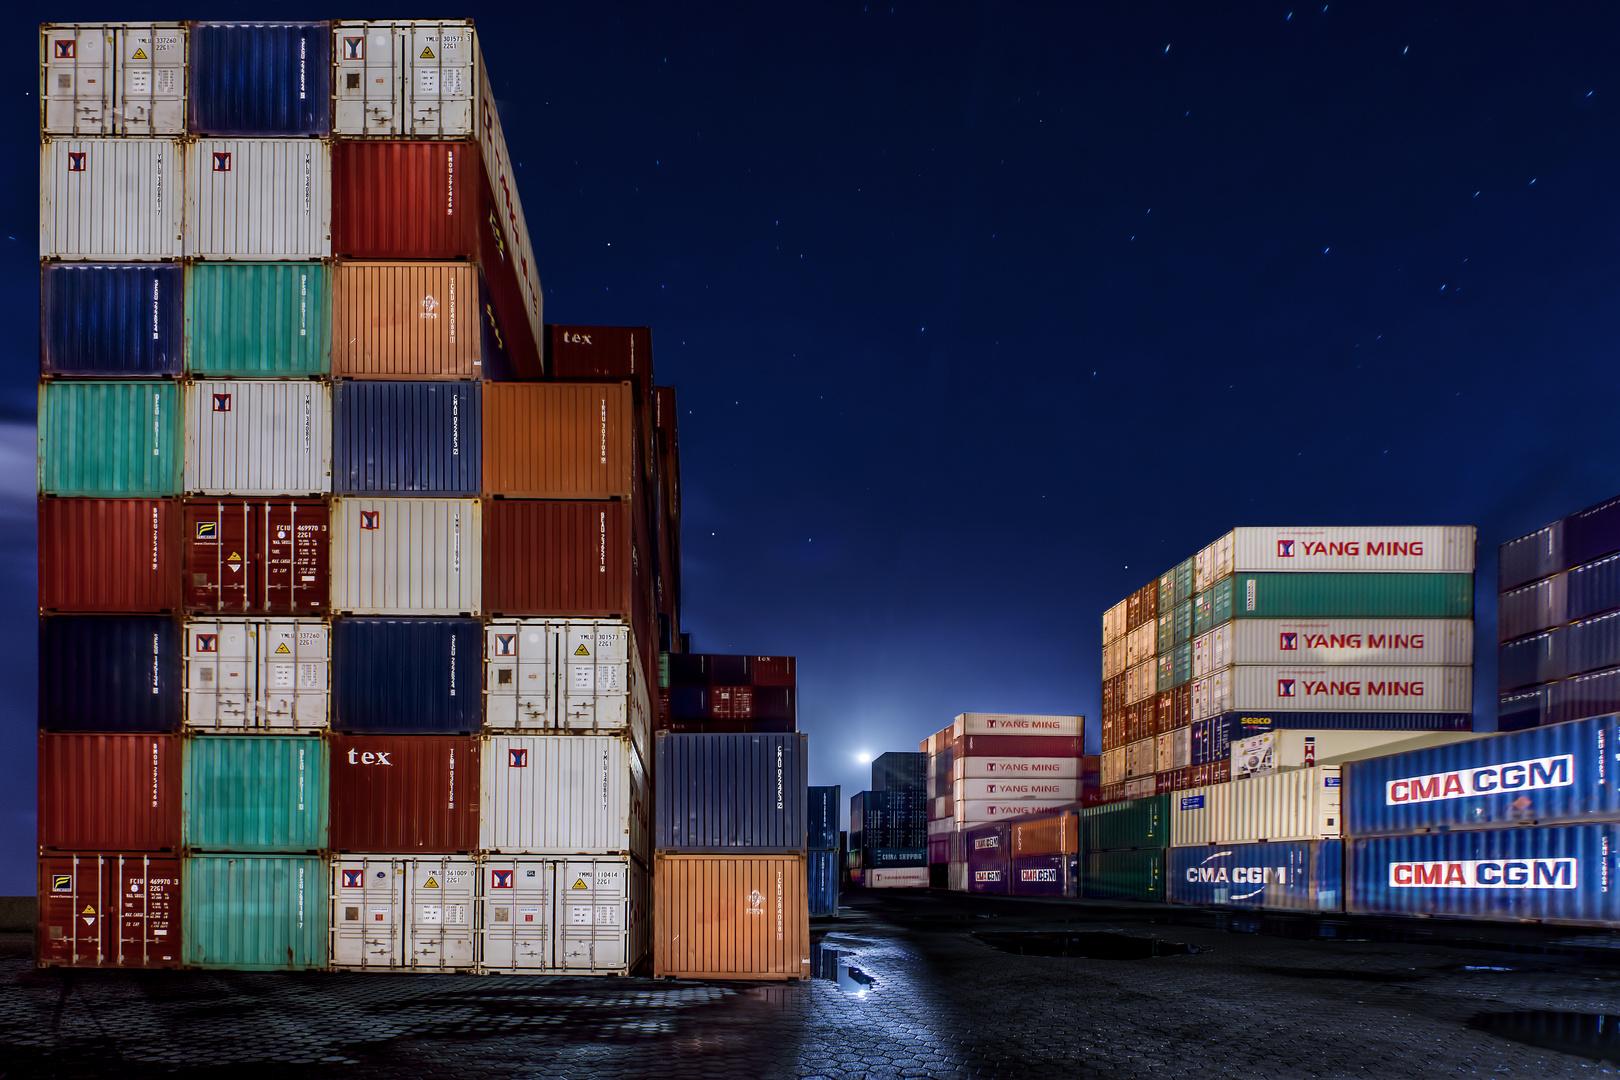 Der Vollmond und die Container